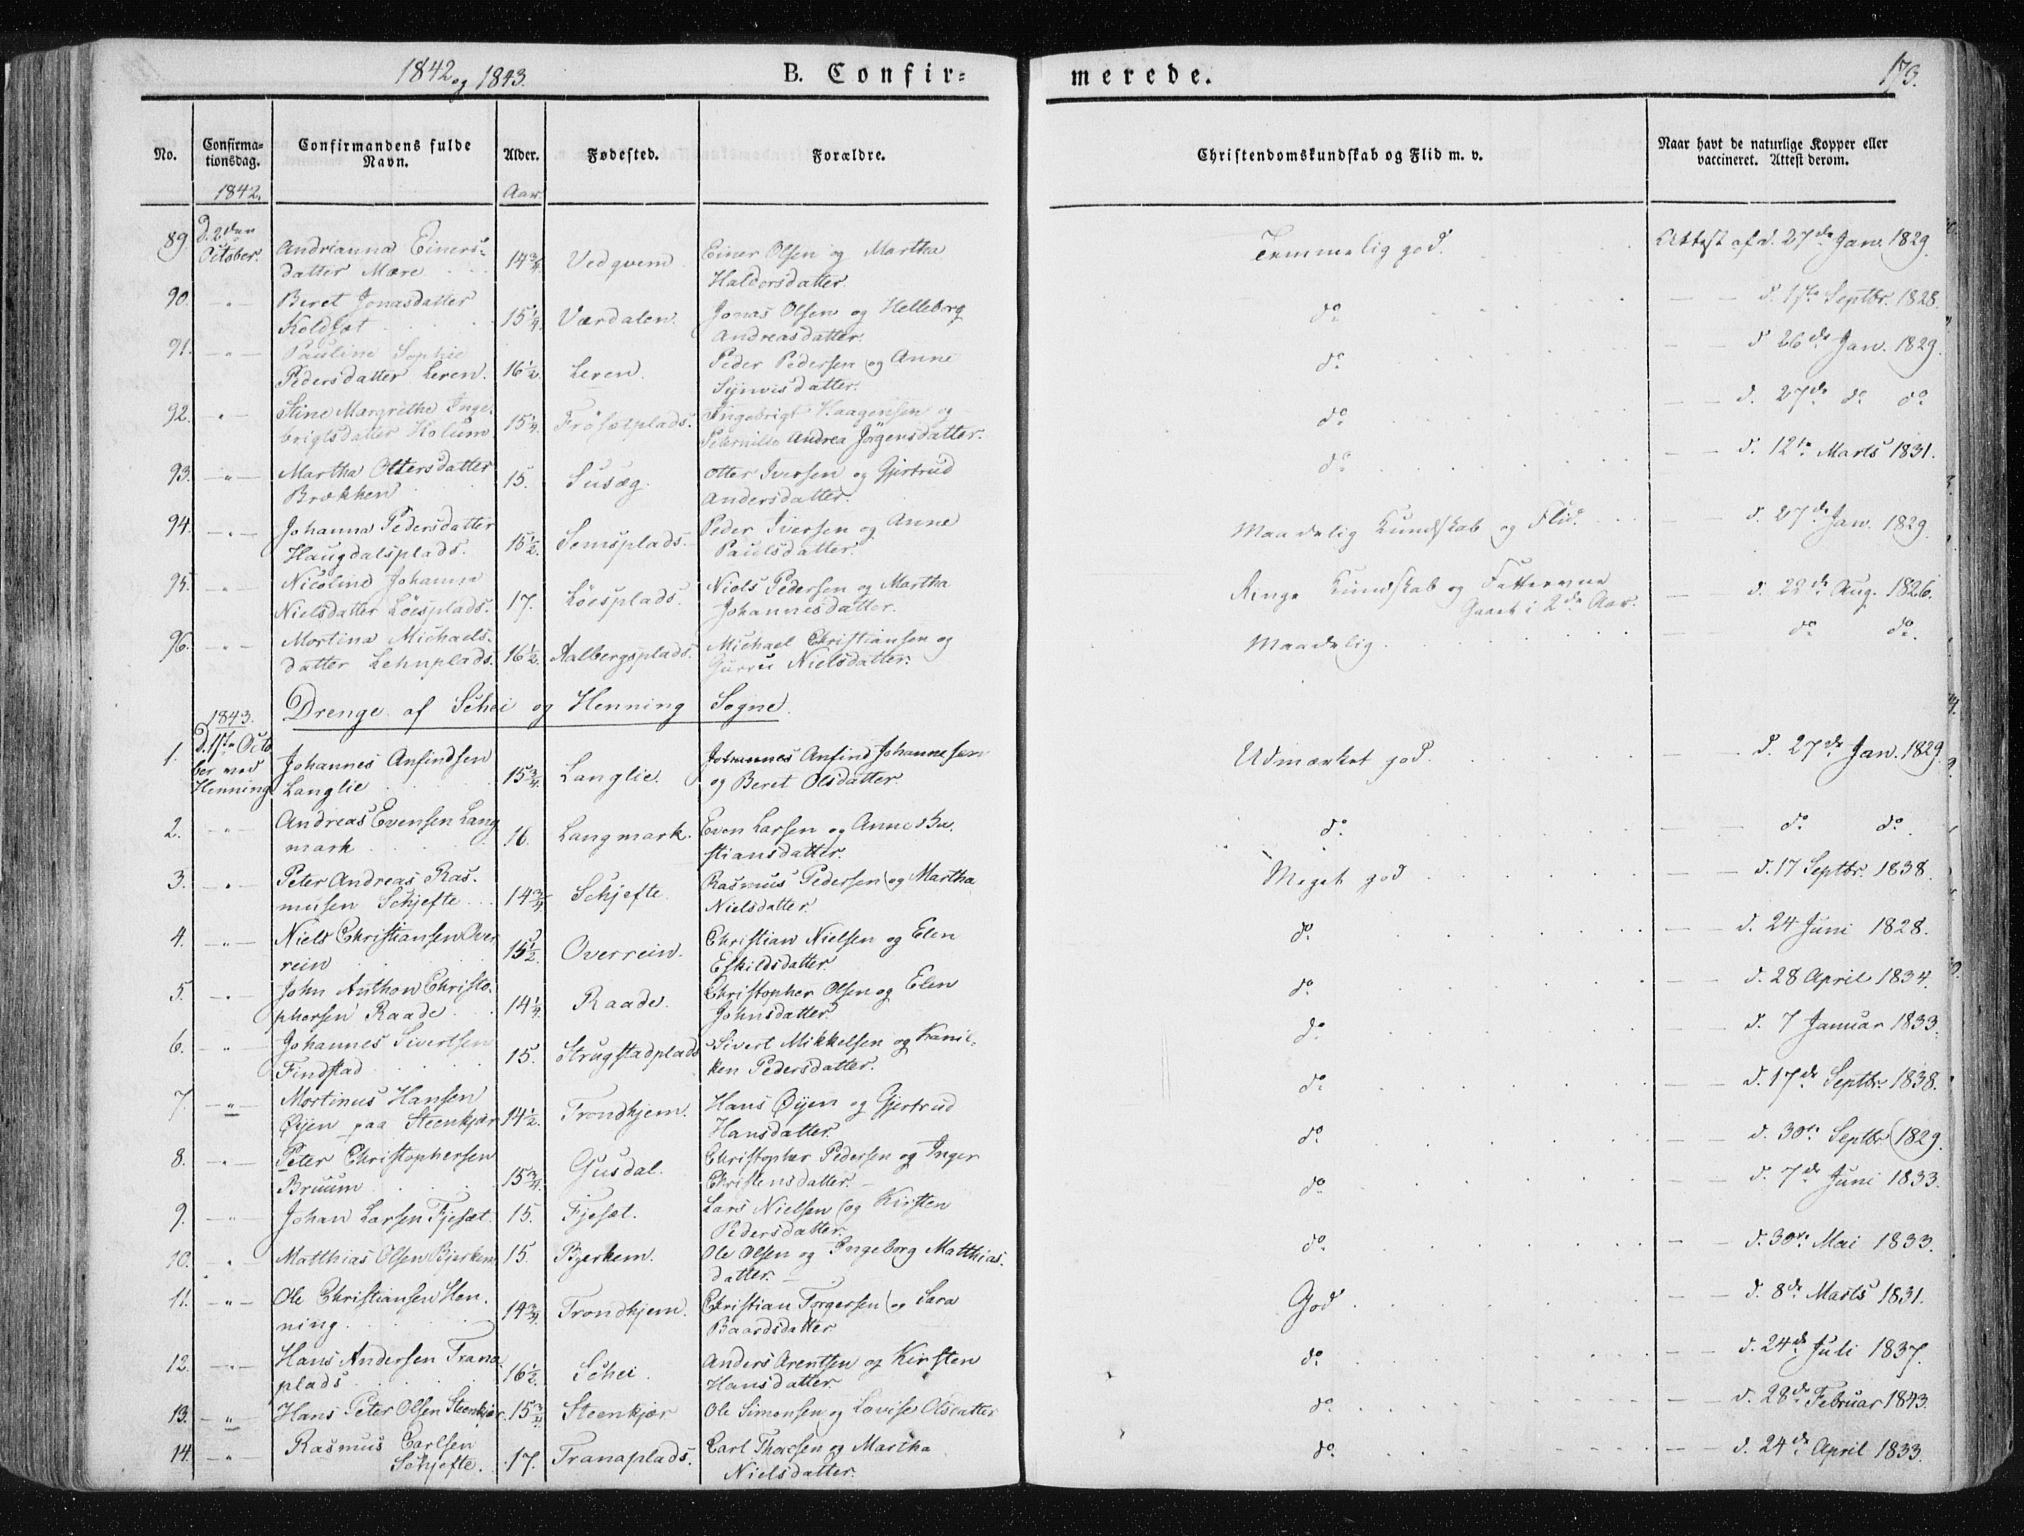 SAT, Ministerialprotokoller, klokkerbøker og fødselsregistre - Nord-Trøndelag, 735/L0339: Ministerialbok nr. 735A06 /1, 1836-1848, s. 173